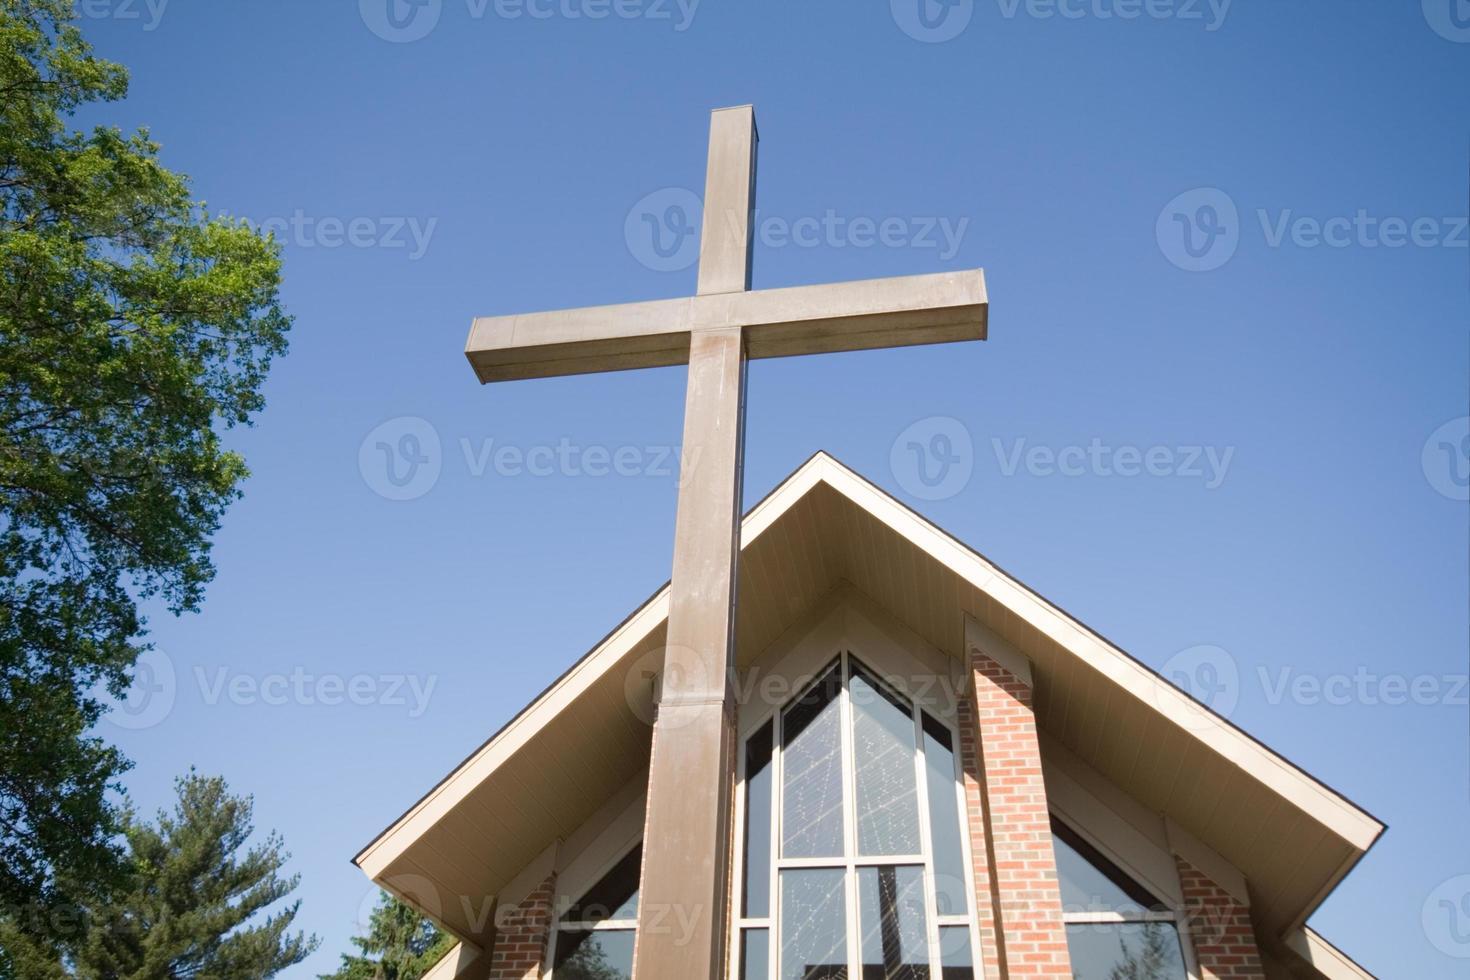 ampio angolo di croce alta con chiesa moderna in background foto